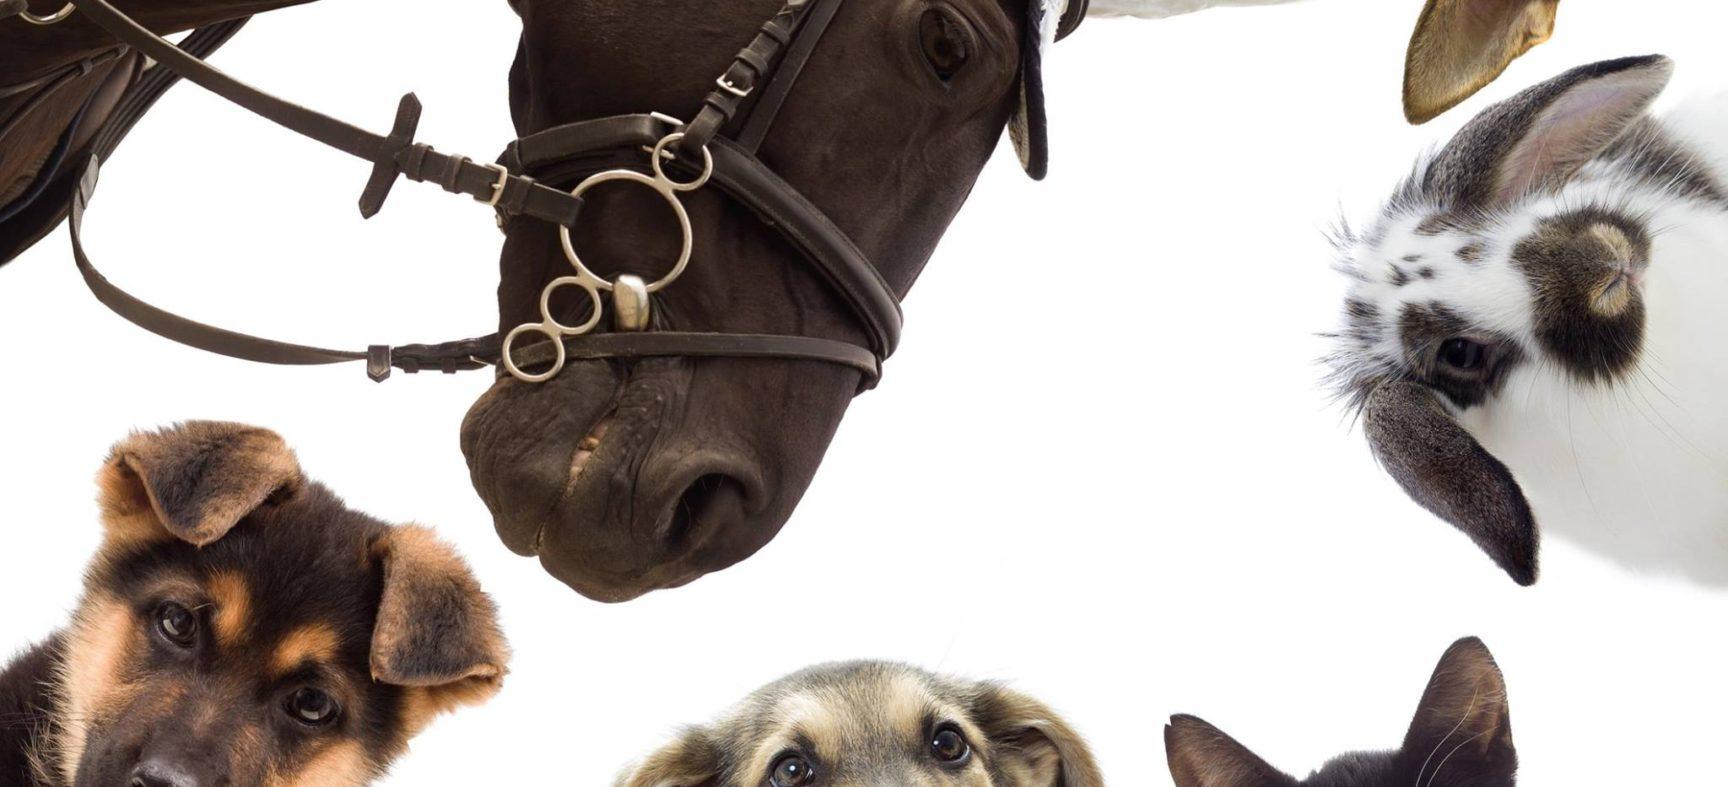 LA LOI BÊSA S'APPLIQUE-T-ELLE À L'UTILISATION DES ÊTRES ANIMAUX CAPTIFS COMME LES CHEVAUX UTILISÉS POUR LE DIVERTISSEMENT? - CAPSULE DAQ N° 16